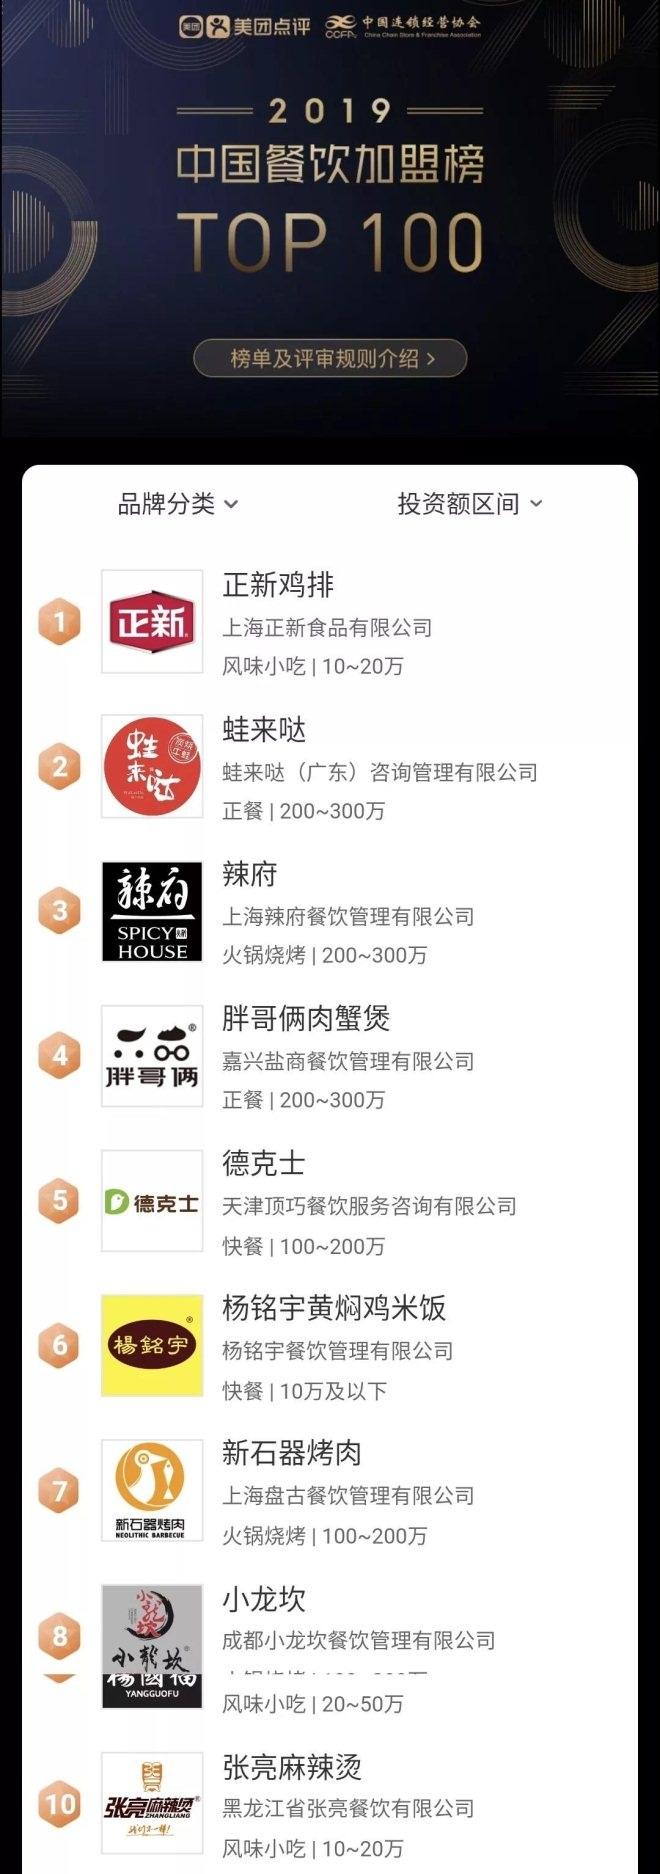 2019中国餐饮加盟榜TOP100